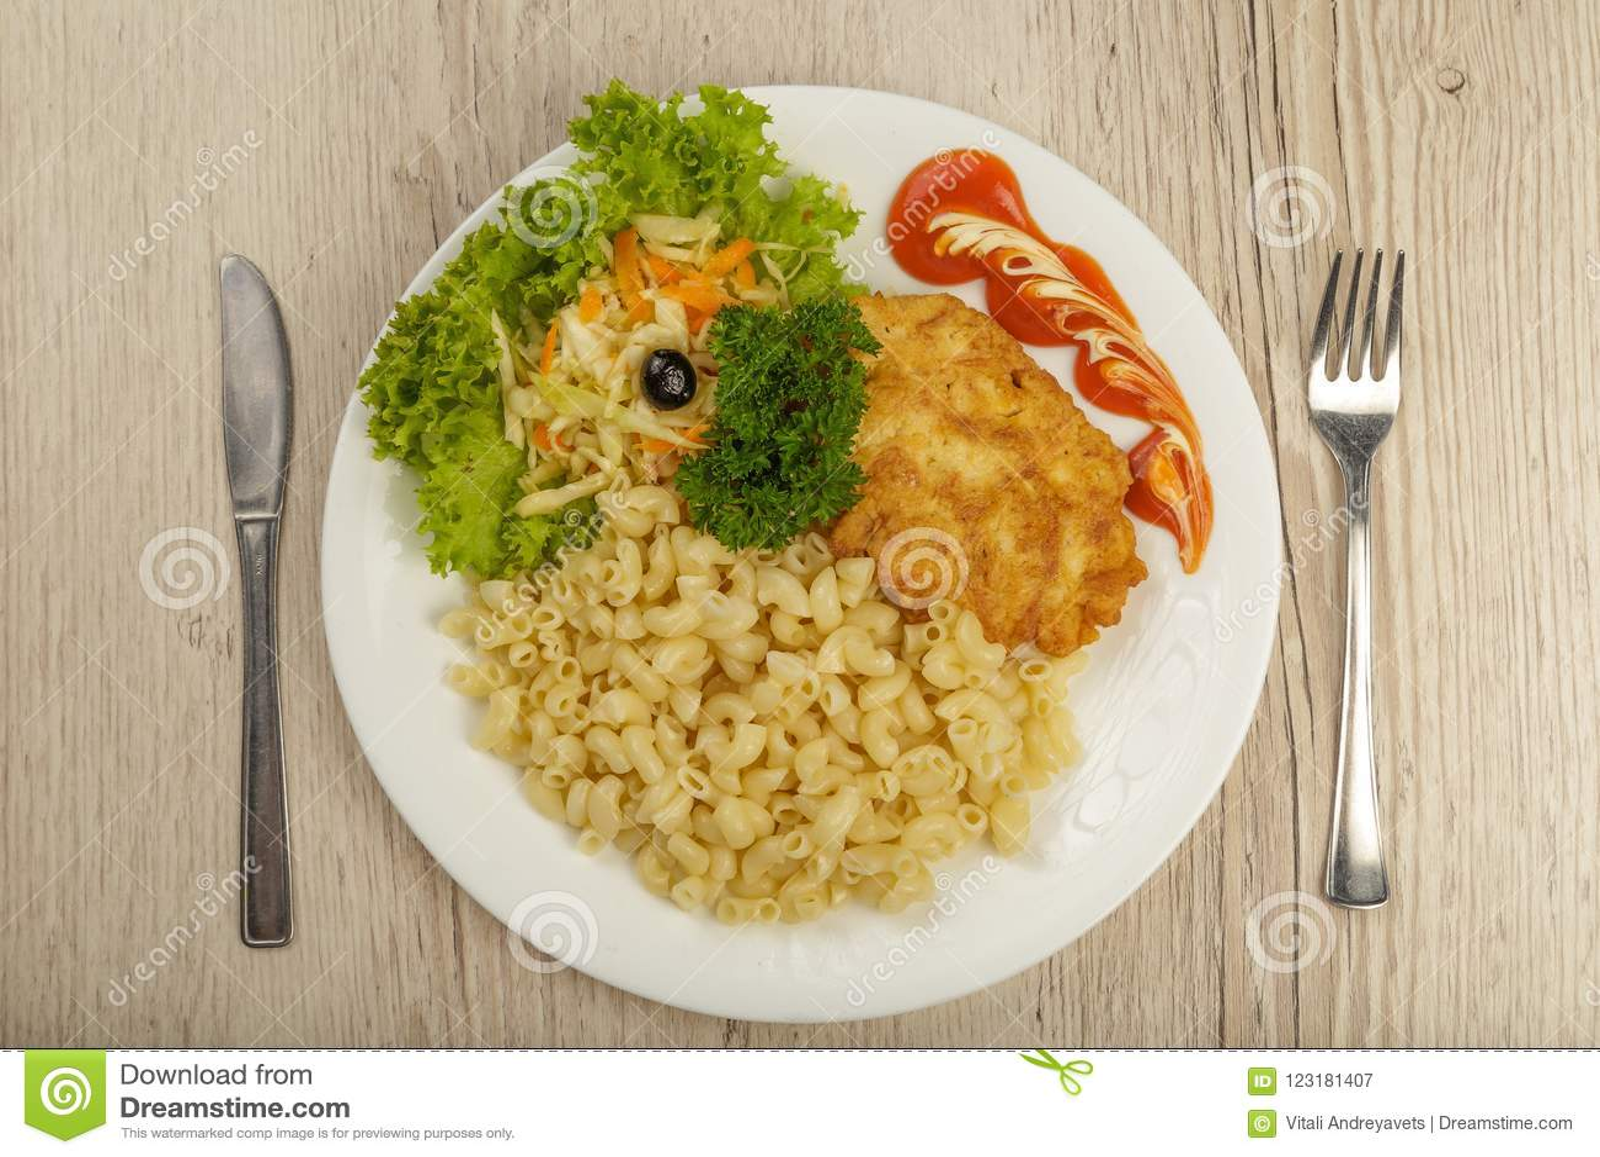 Teigwaren mit einem Stück gegrilltem Fleisch und Salat